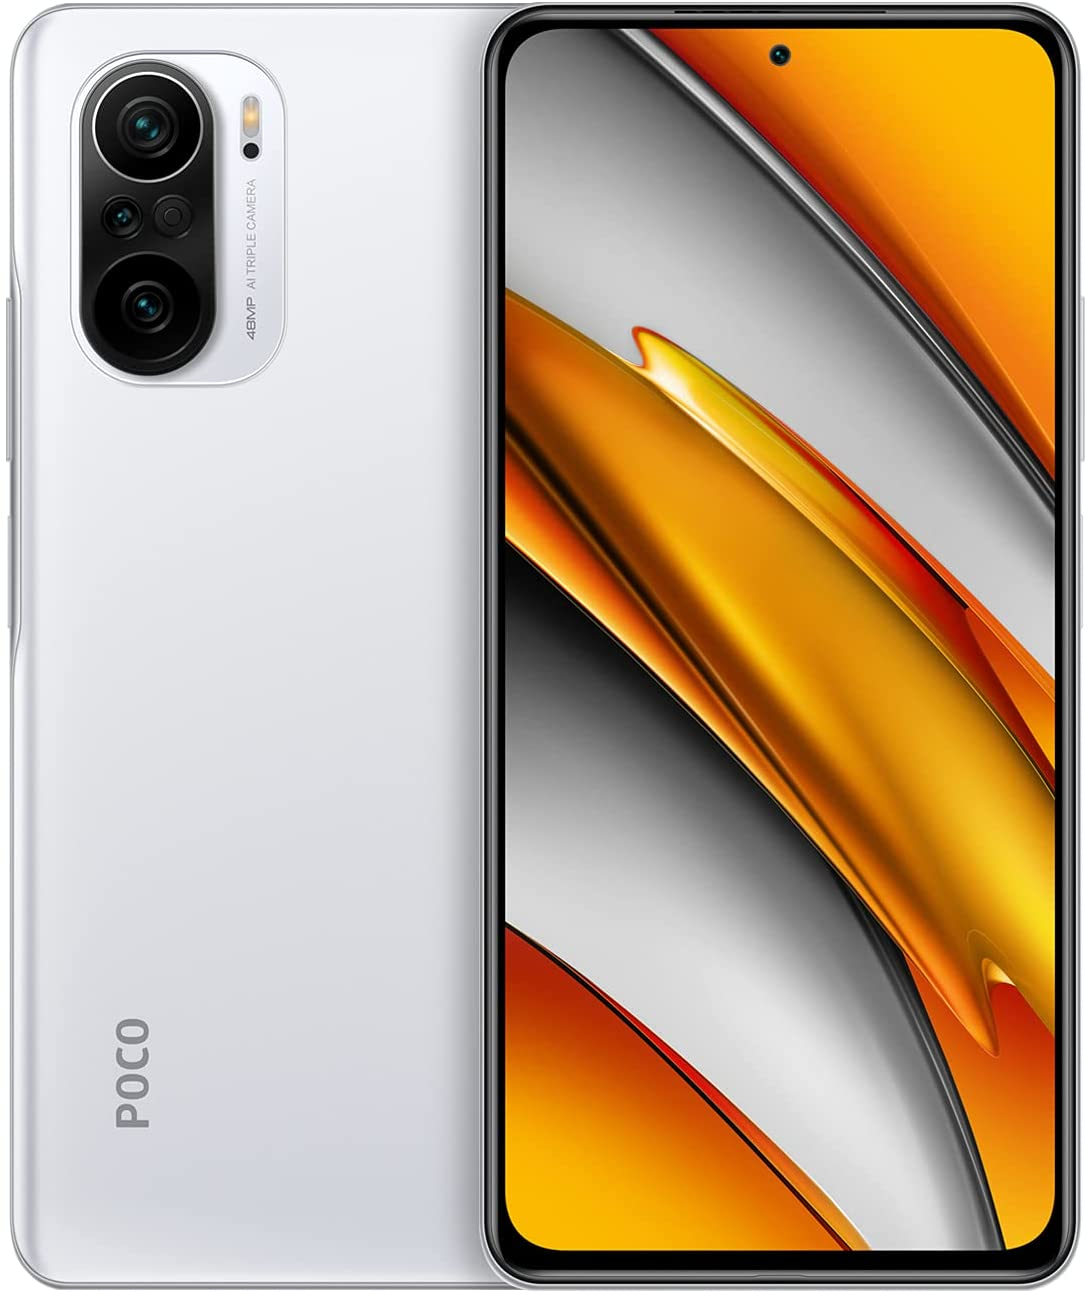 シャオミ 小米 ポコエフスリー SIMフリースマホ Xiaomi Poco F3 Dual Sim 256GB 初回限定 新品 RAM 5G 白 SIMフリースマホ本体 Seasonal Wrap入荷 1年保証 8GB